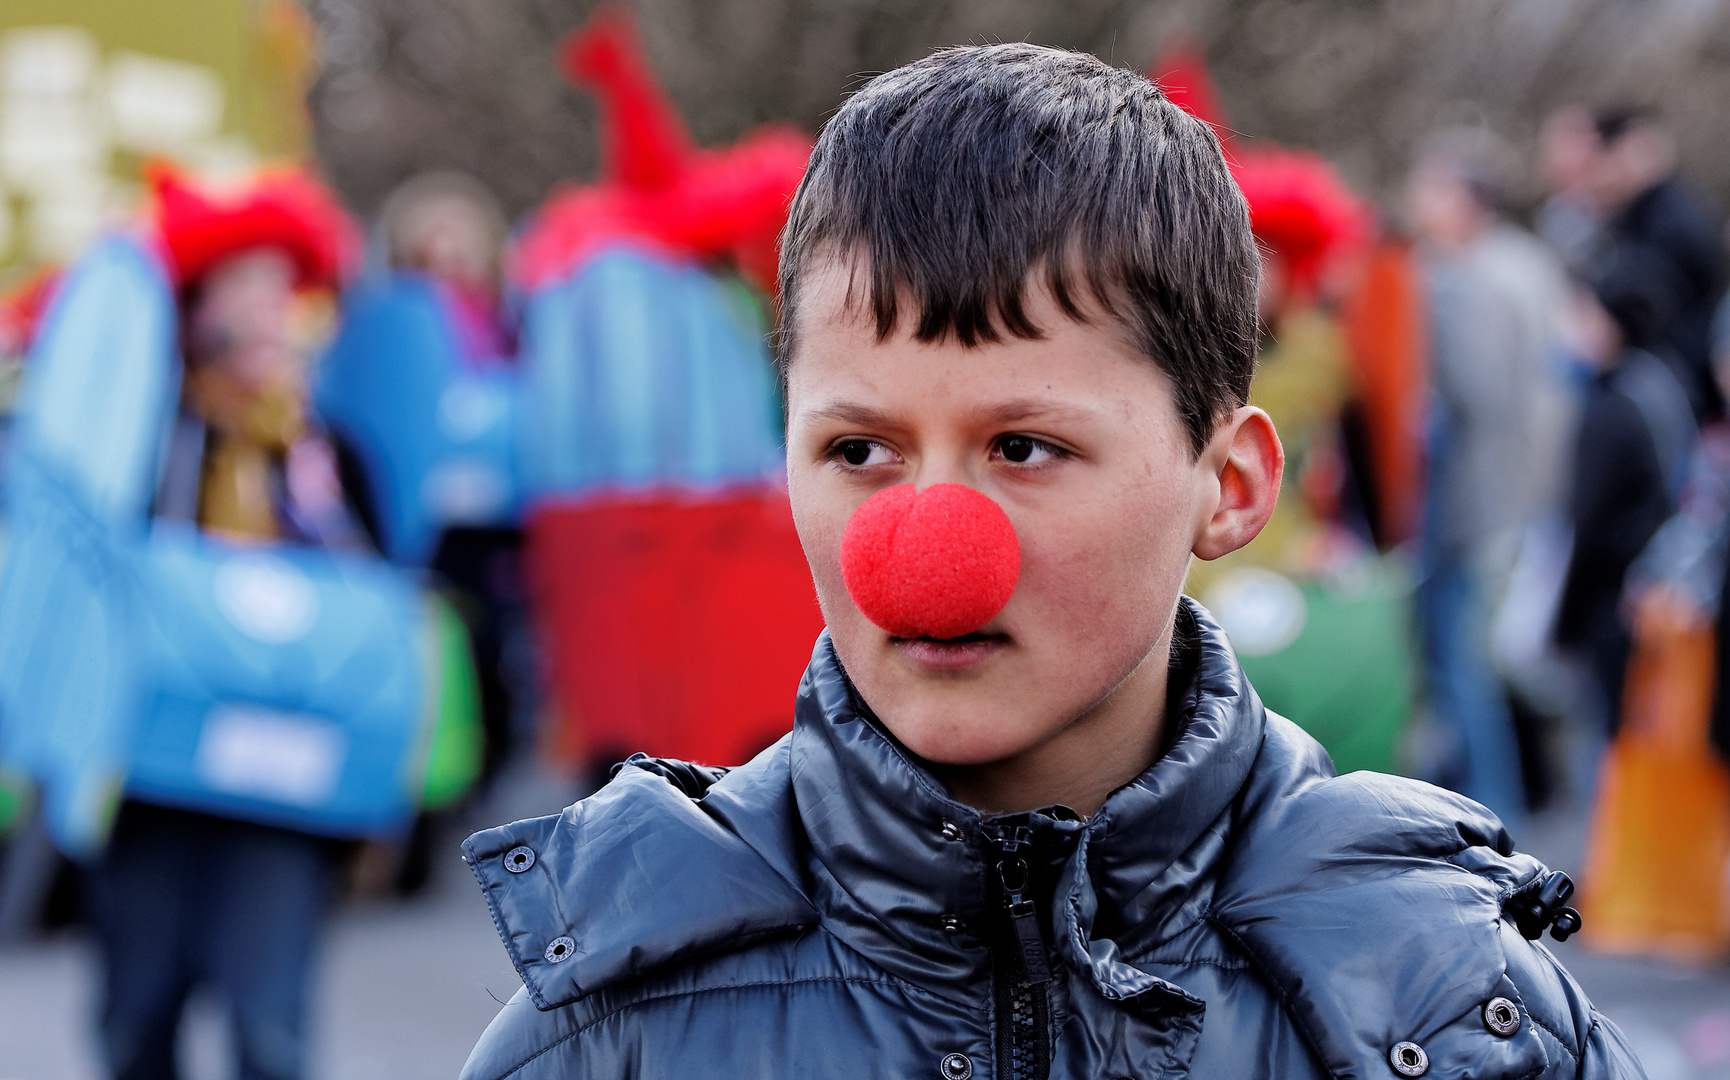 Gesichter Des Frohsinns Sehr Witzig Junior Foto Bild Jugend